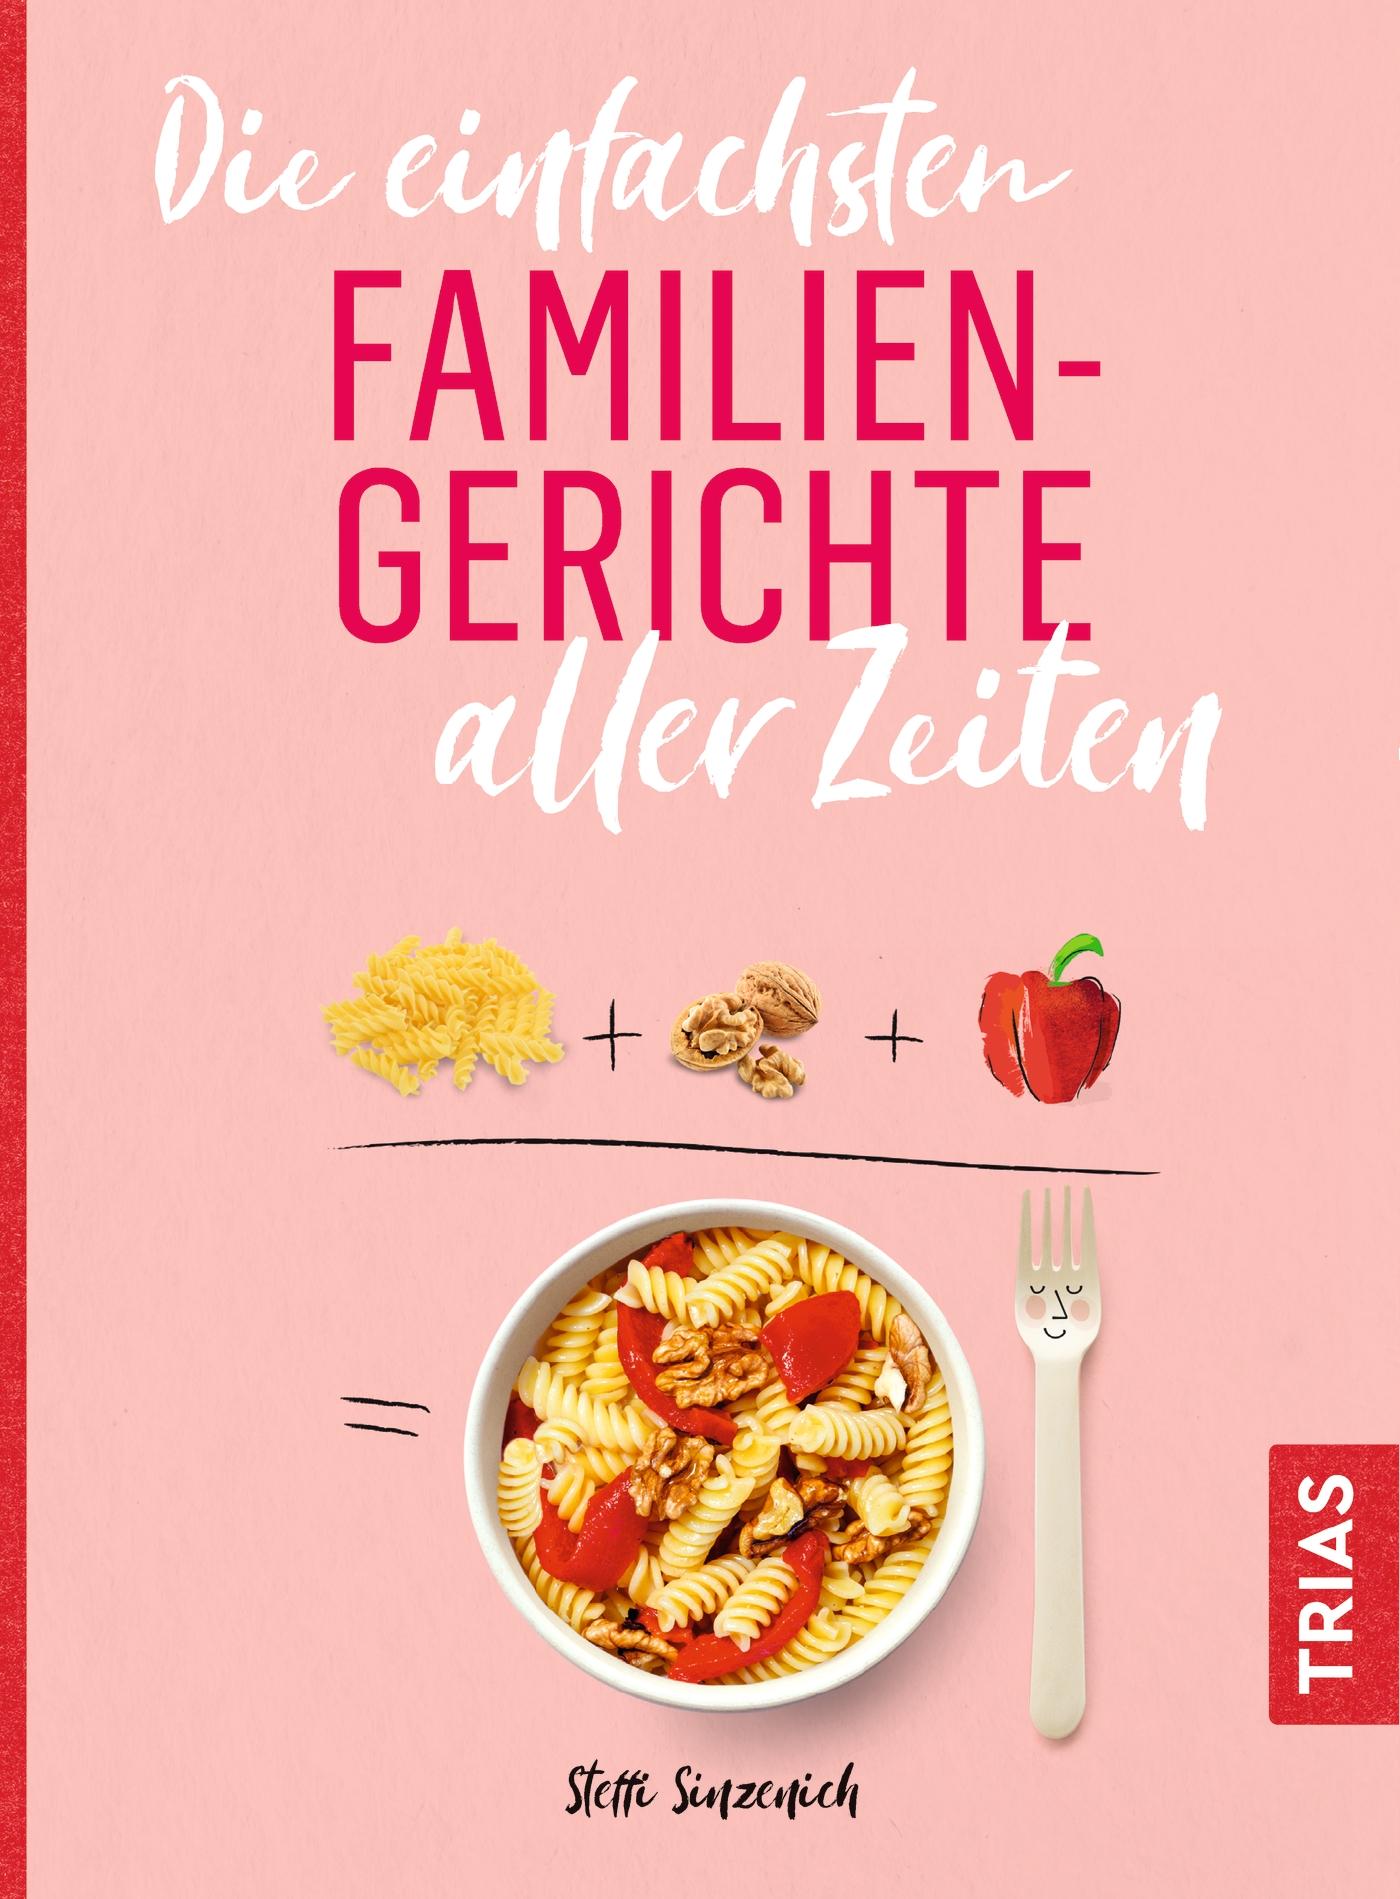 Die einfachsten Familiengerichte aller Zeiten